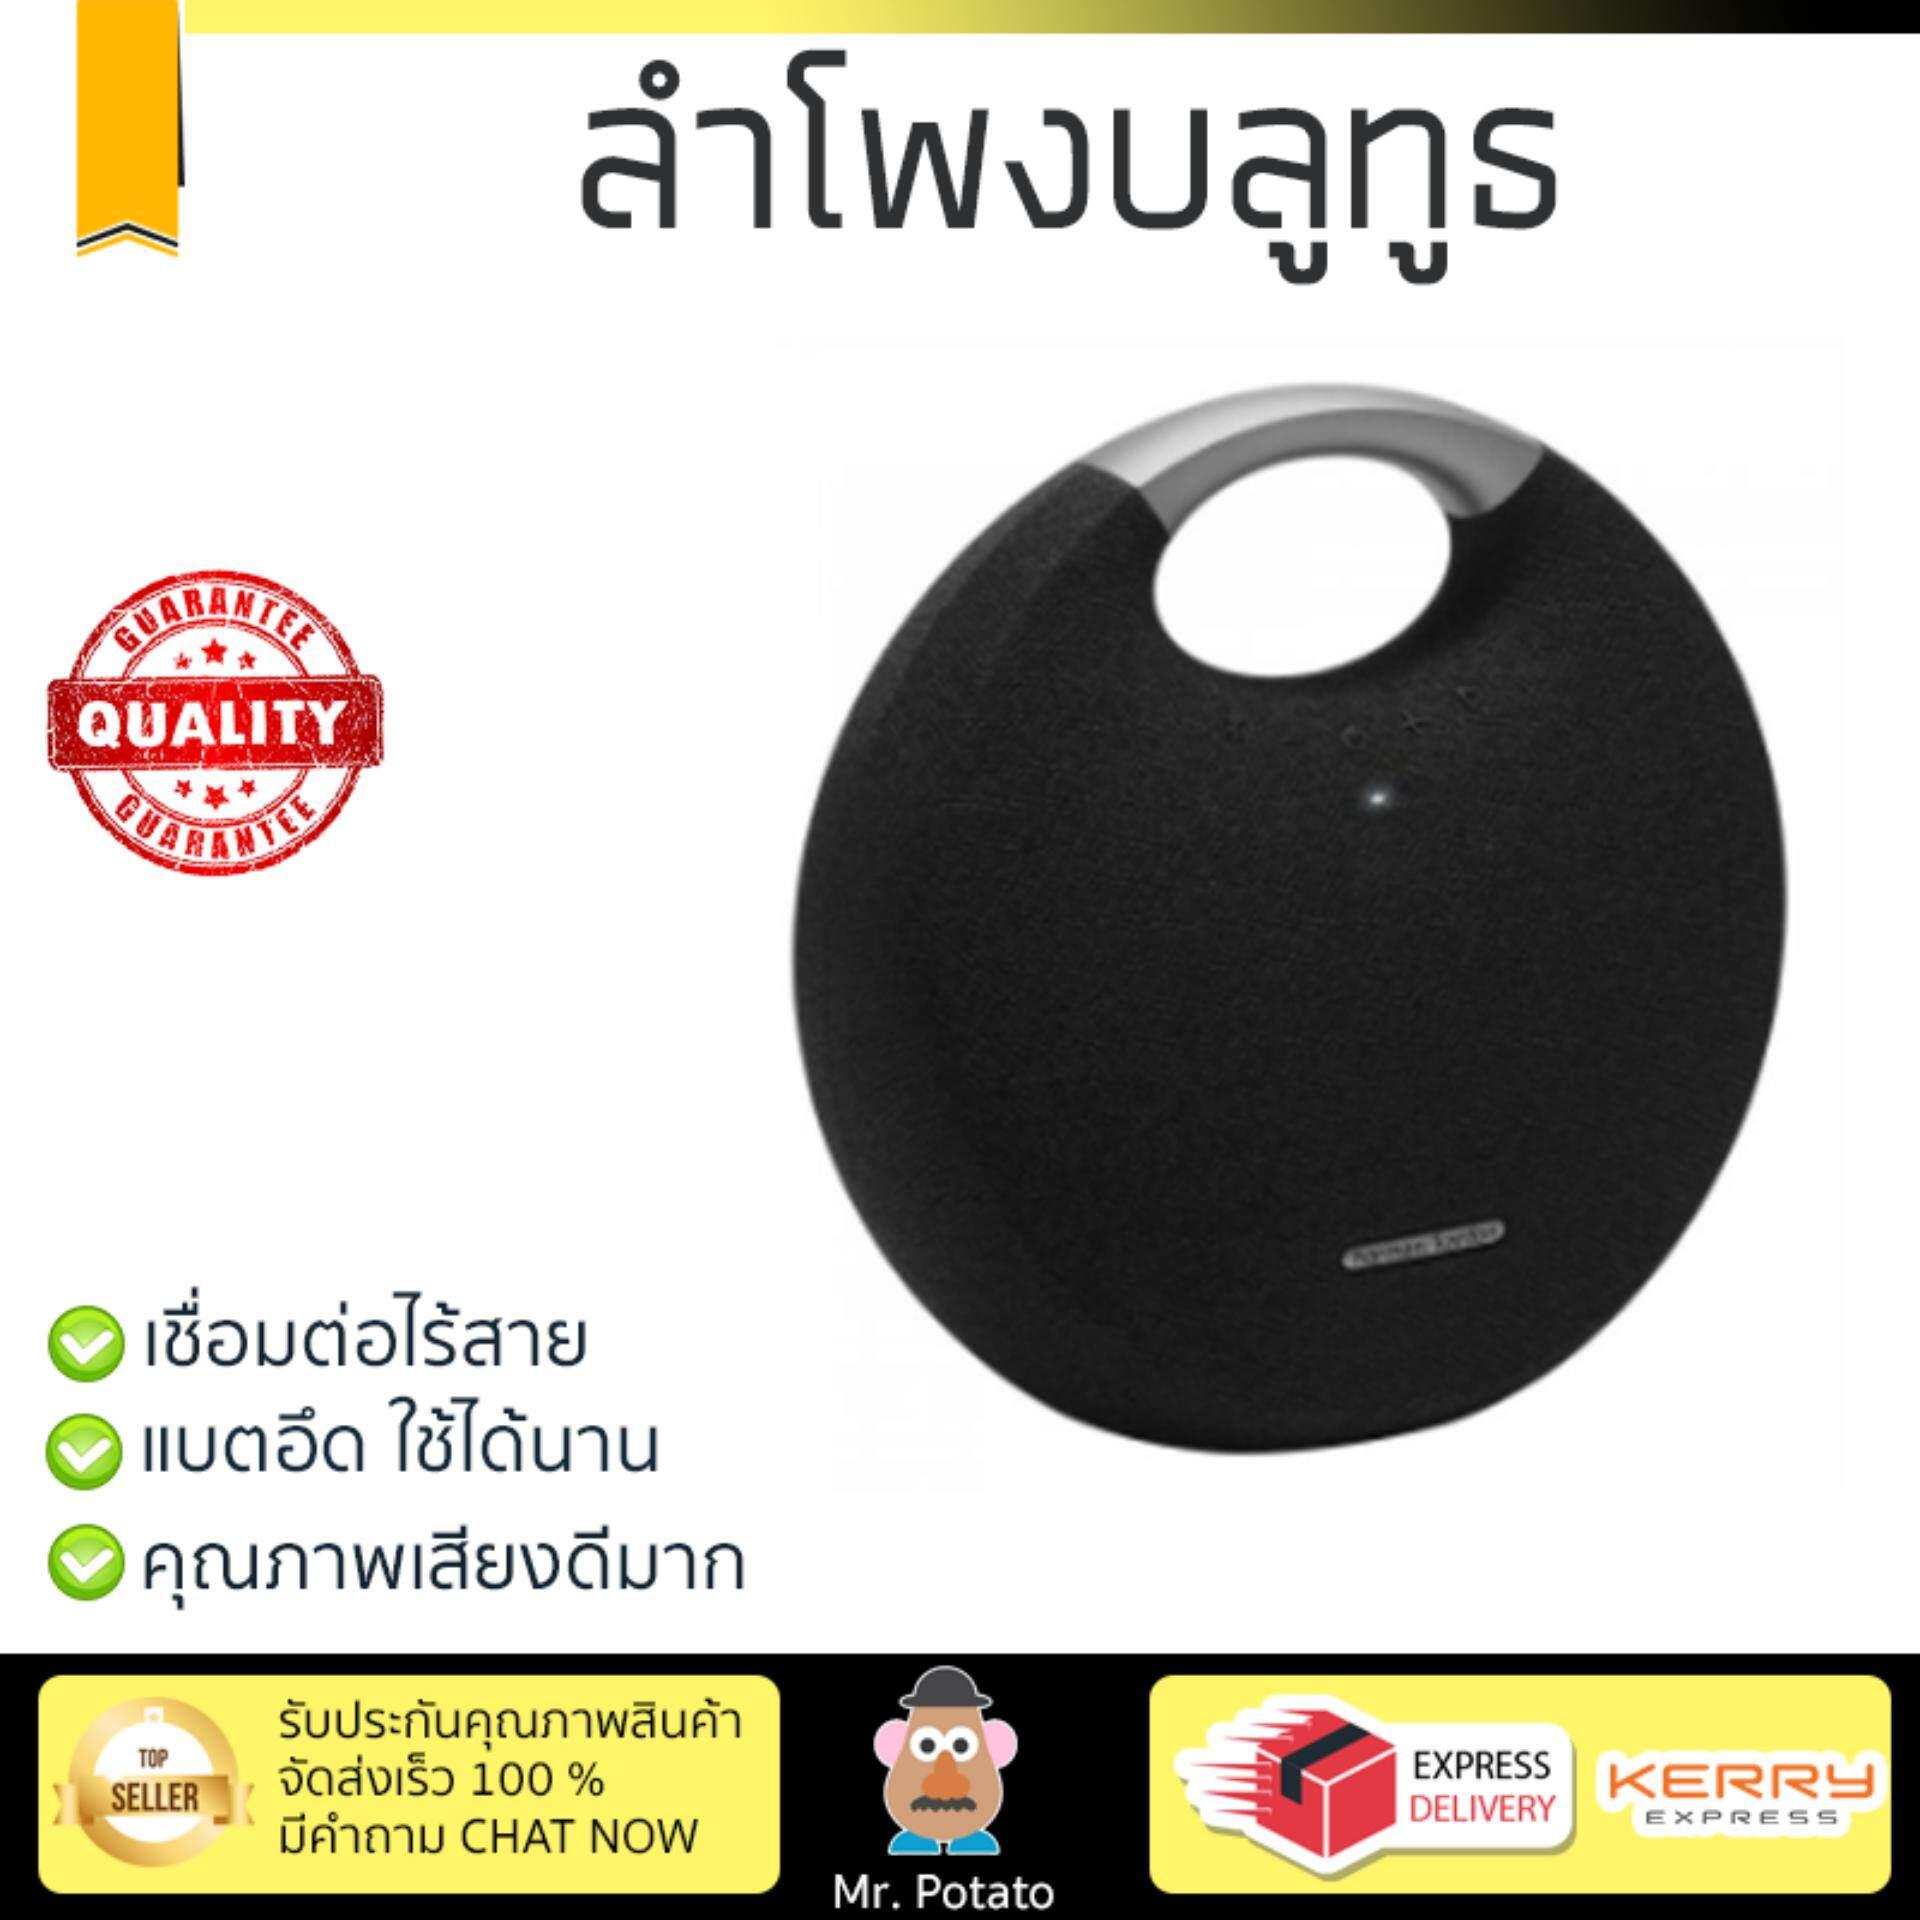 สอนใช้งาน  ภูเก็ต จัดส่งฟรี ลำโพงบลูทูธ  Harman Kardon Bluetooth Speaker 2.1 Onyx Studio 5 Black เสียงใส คุณภาพเกินตัว Wireless Bluetooth Speaker รับประกัน 1 ปี